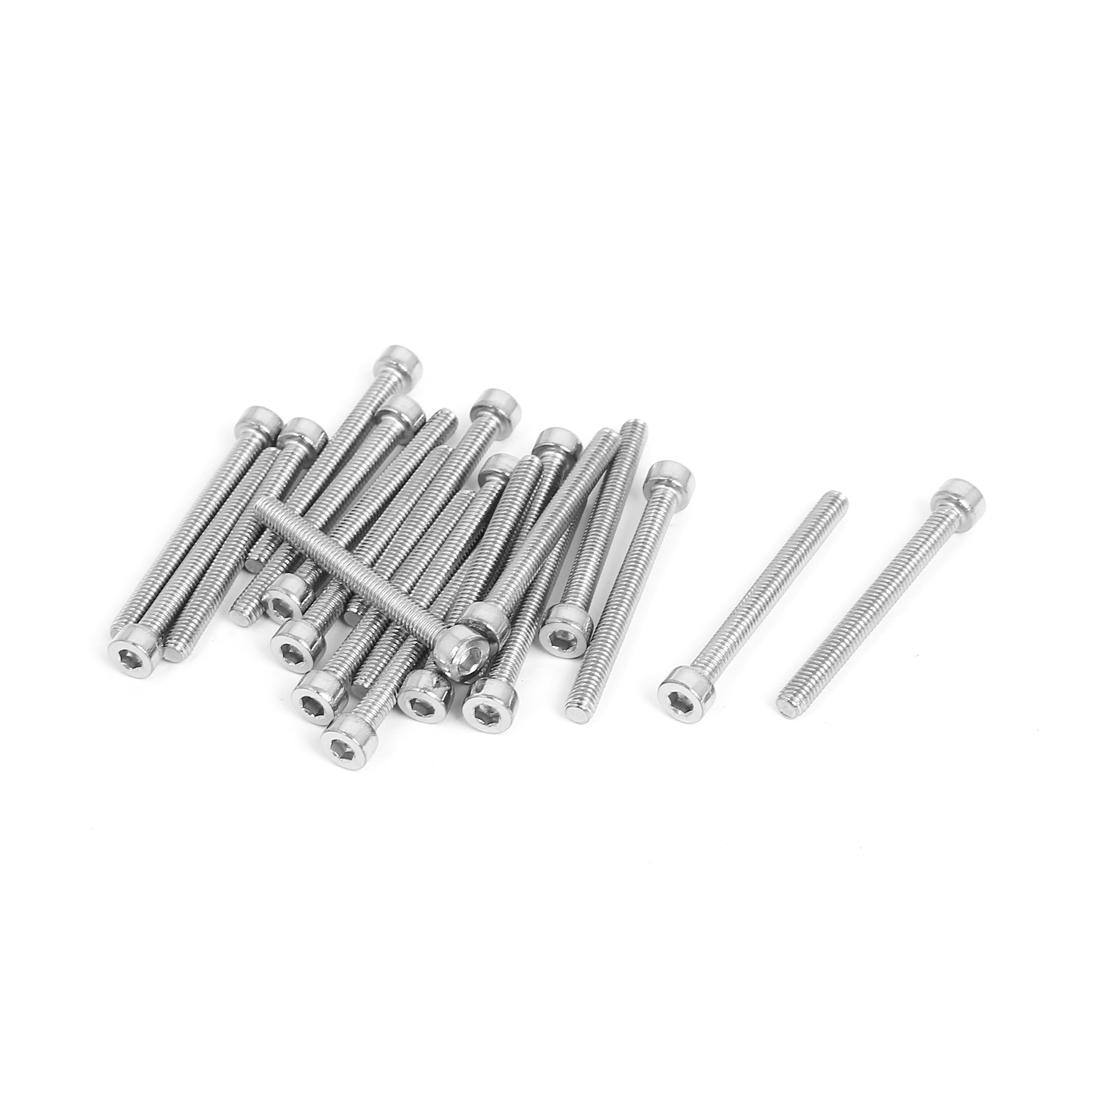 20pcs 3mm Stainless Steel Hex Key Socket Head Cap Screws Bolts M4x0.7mmx40mm